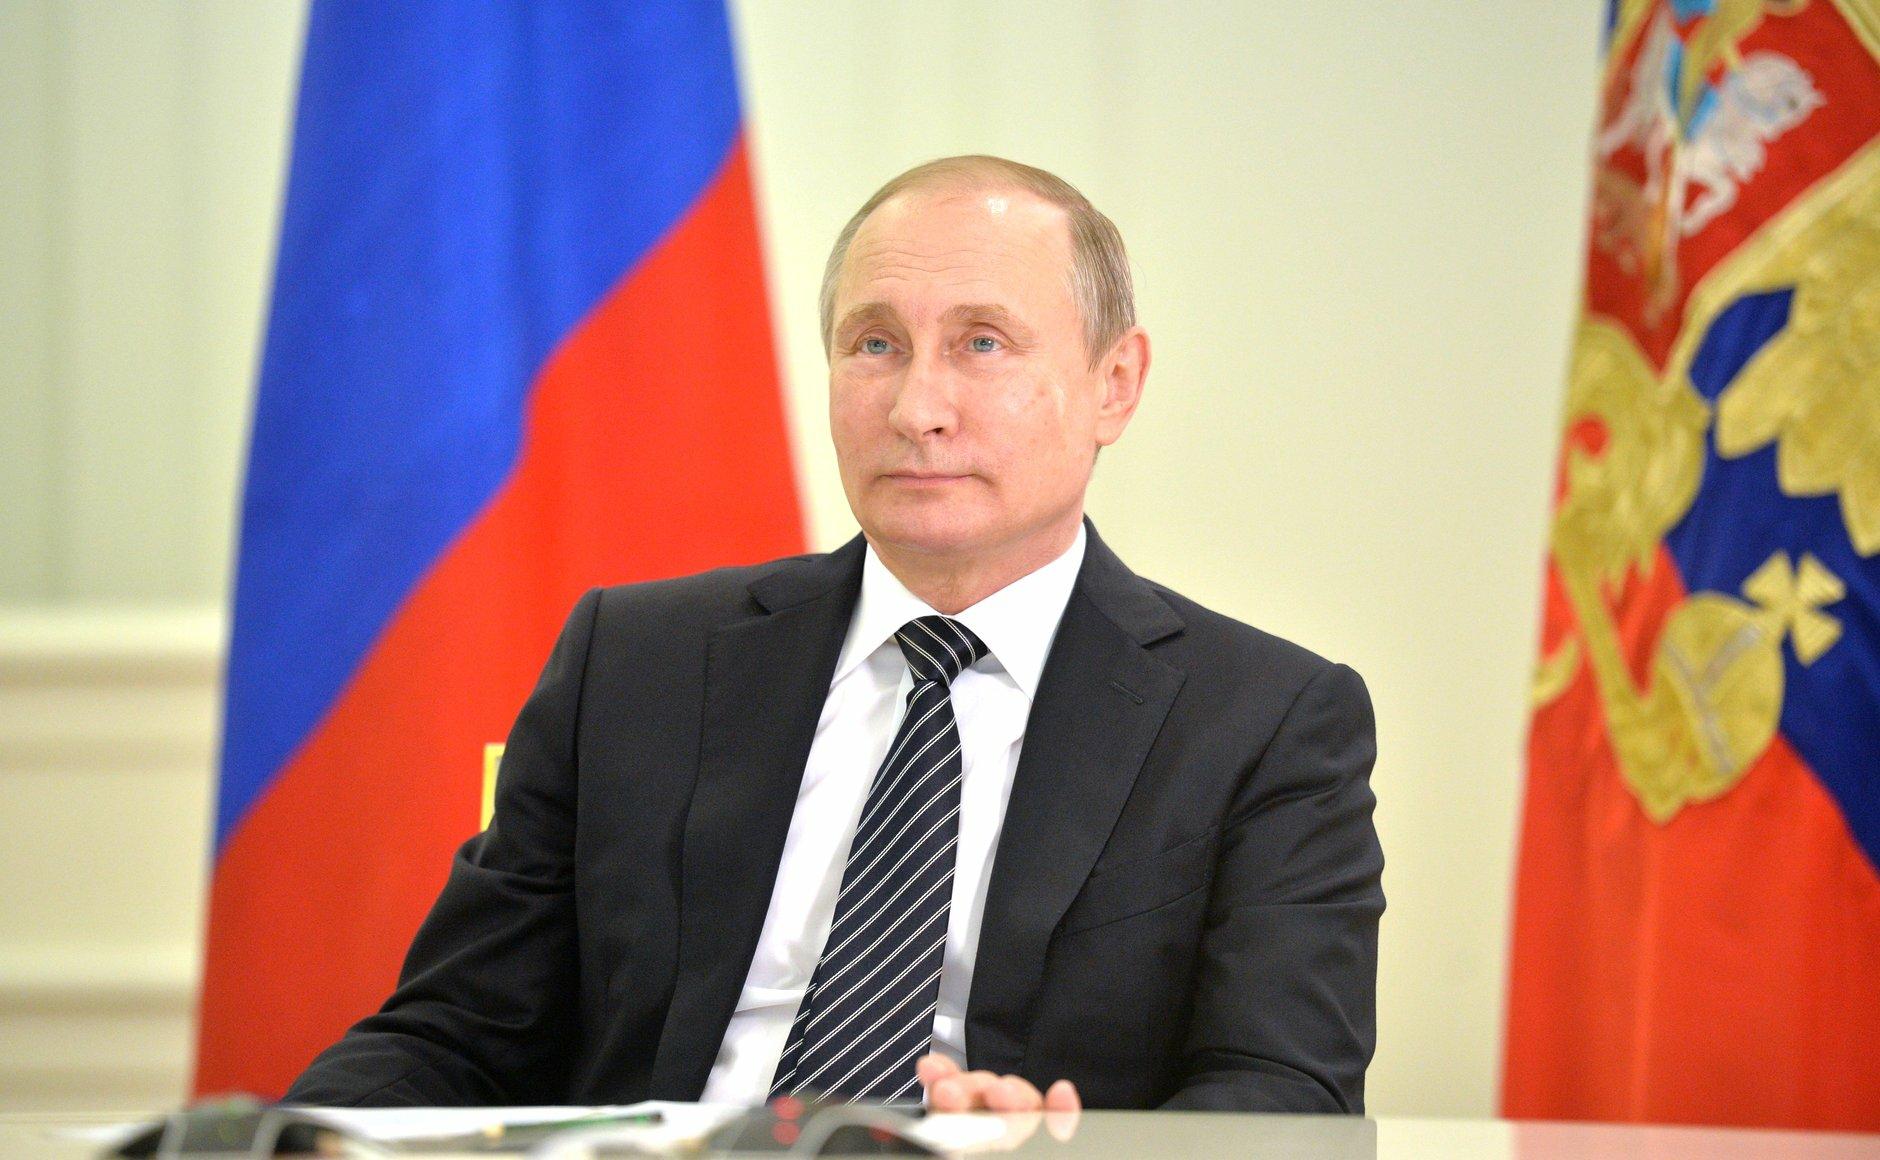 Владимир Путин умер сообщил Медведев в Твиттере Срочно